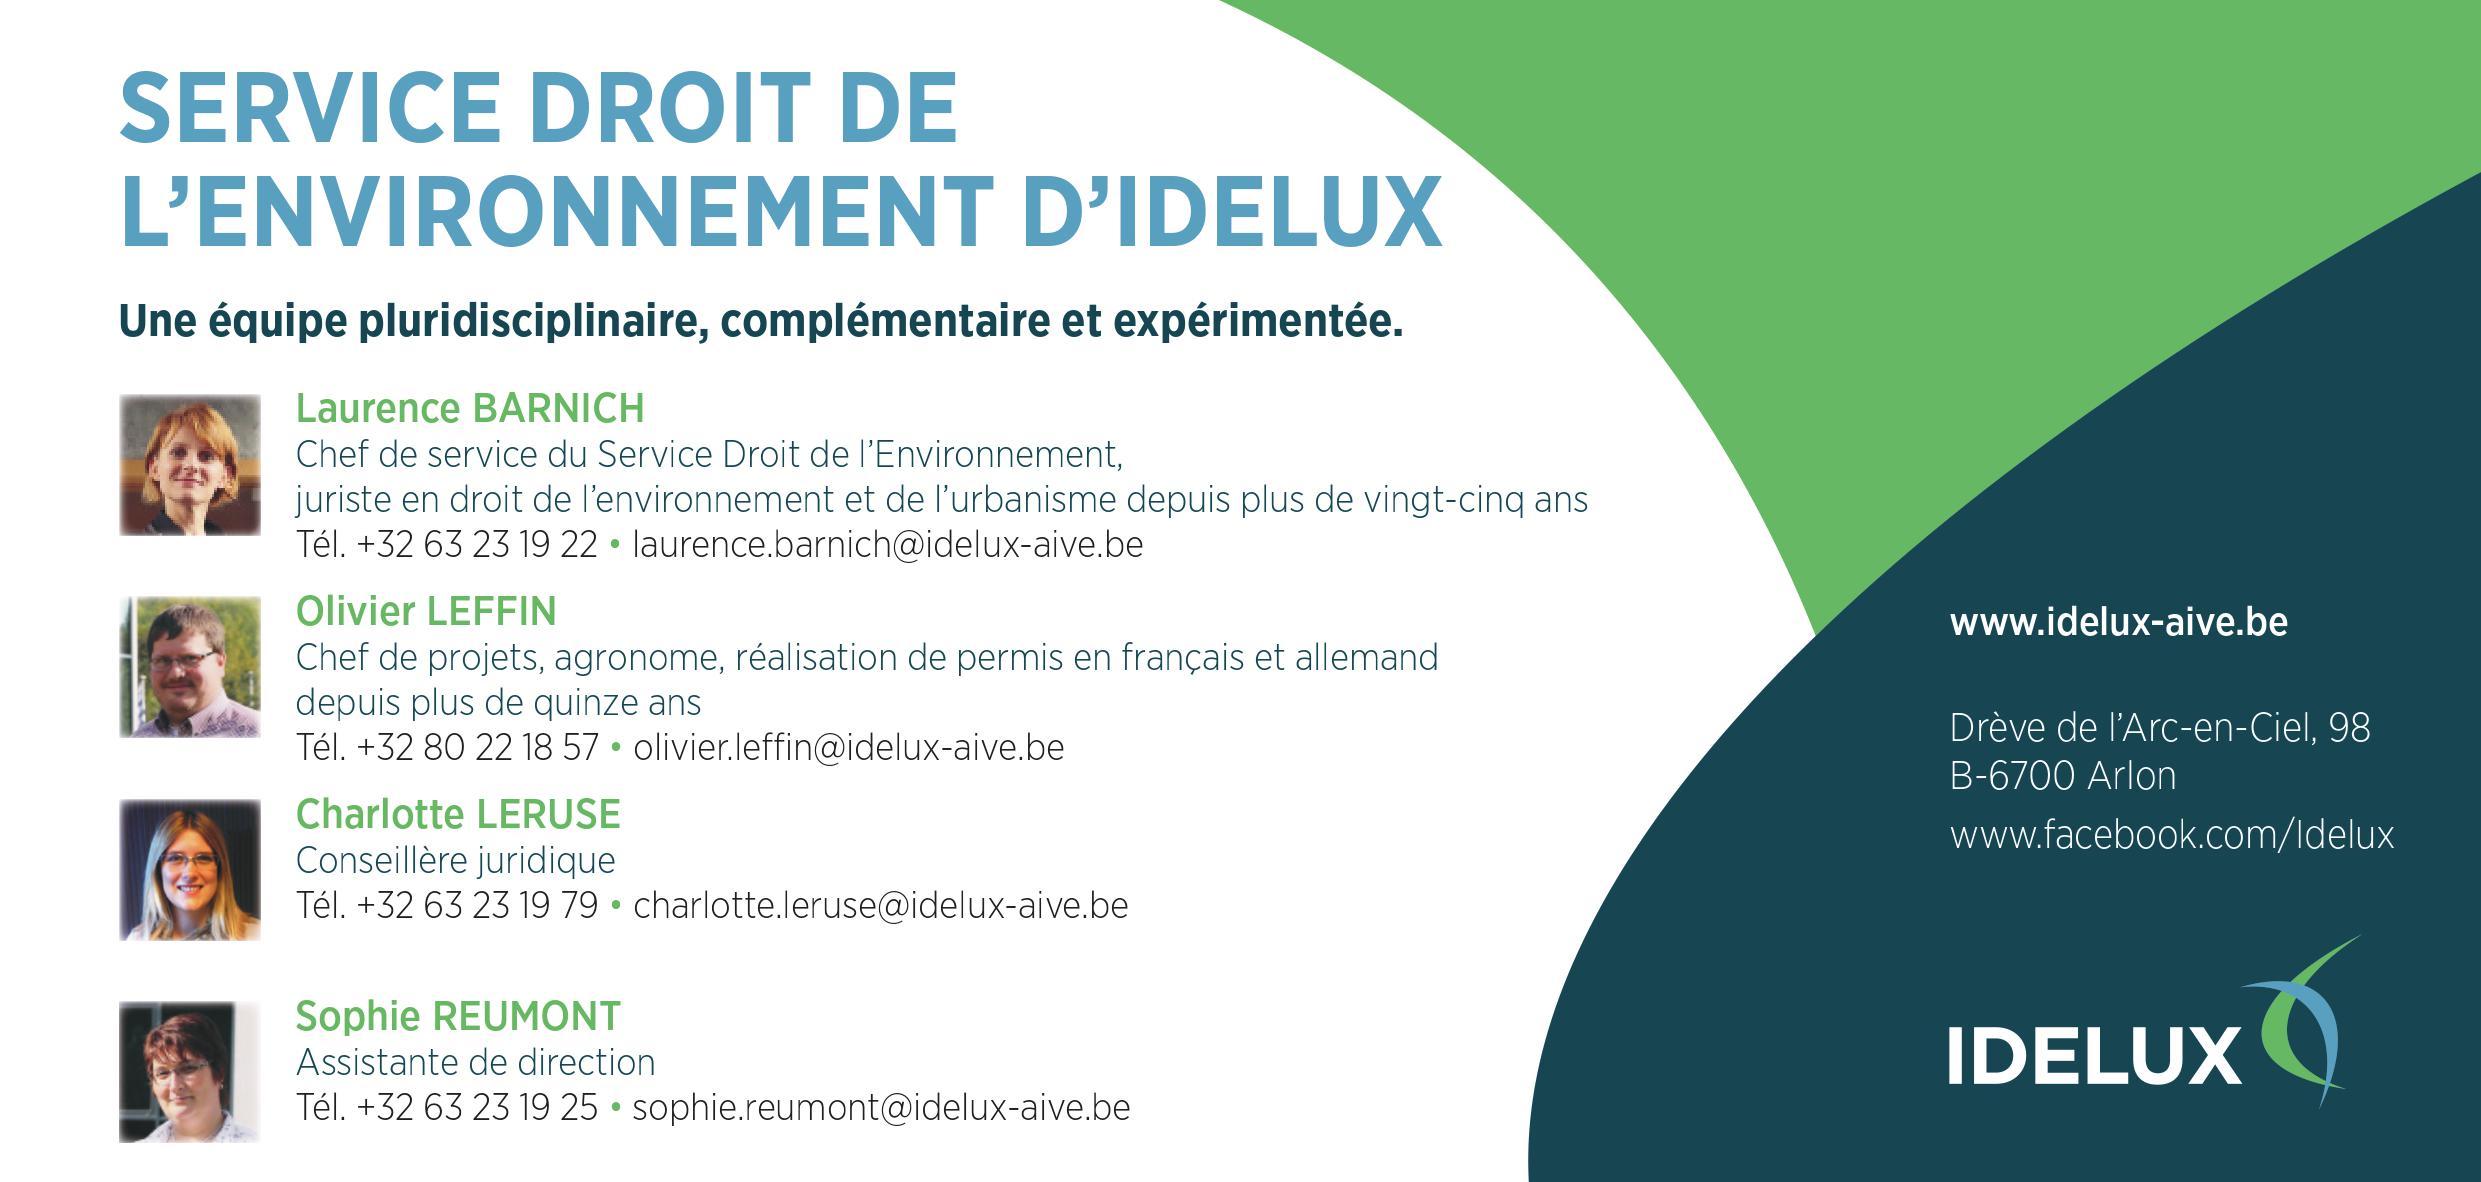 Service-droit-de-lenvironnement-Se-faire-conseiller-et-investir-en-Luxembourg-belge